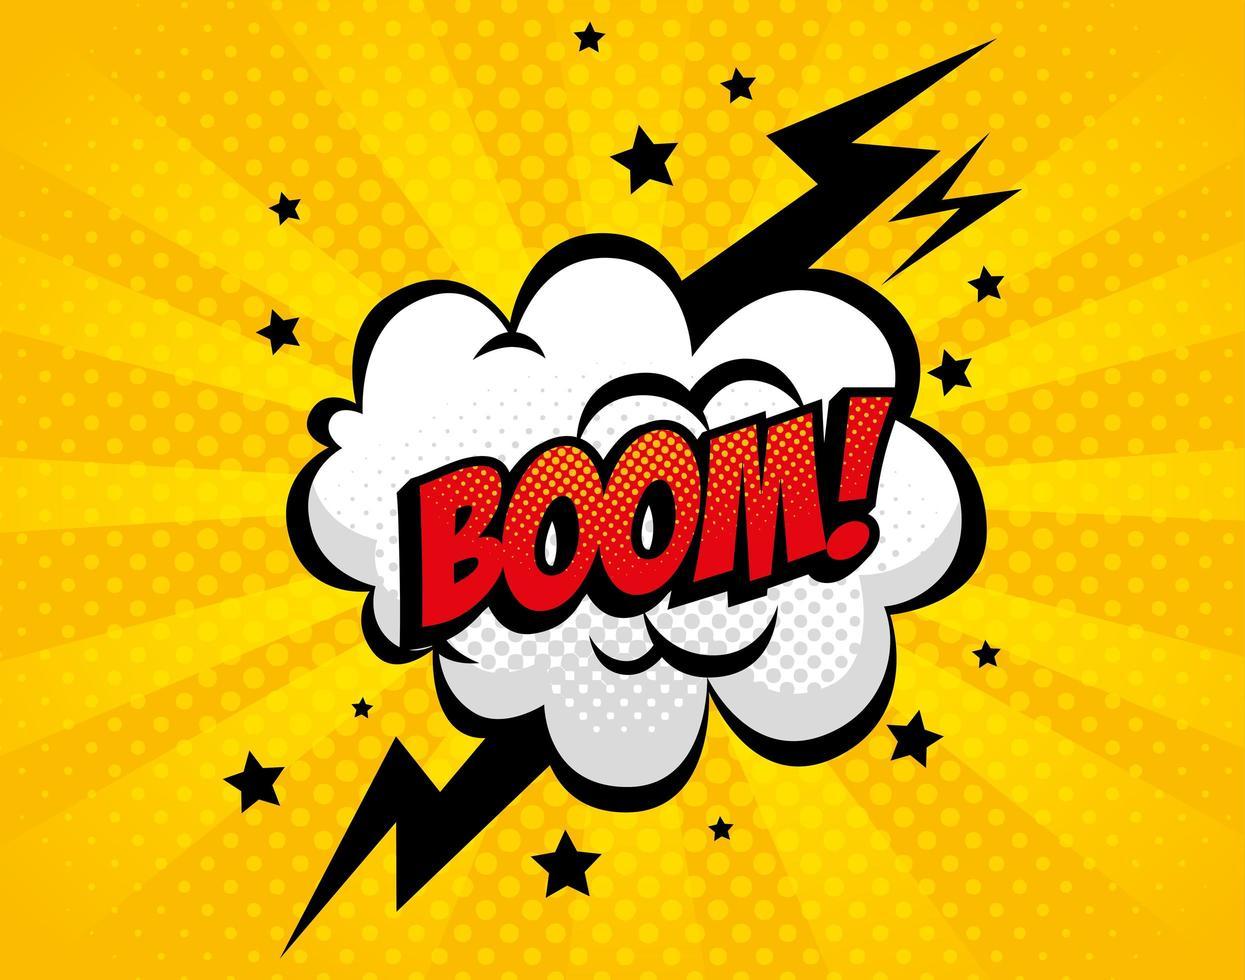 ícone de estilo pop art explosão boom vetor